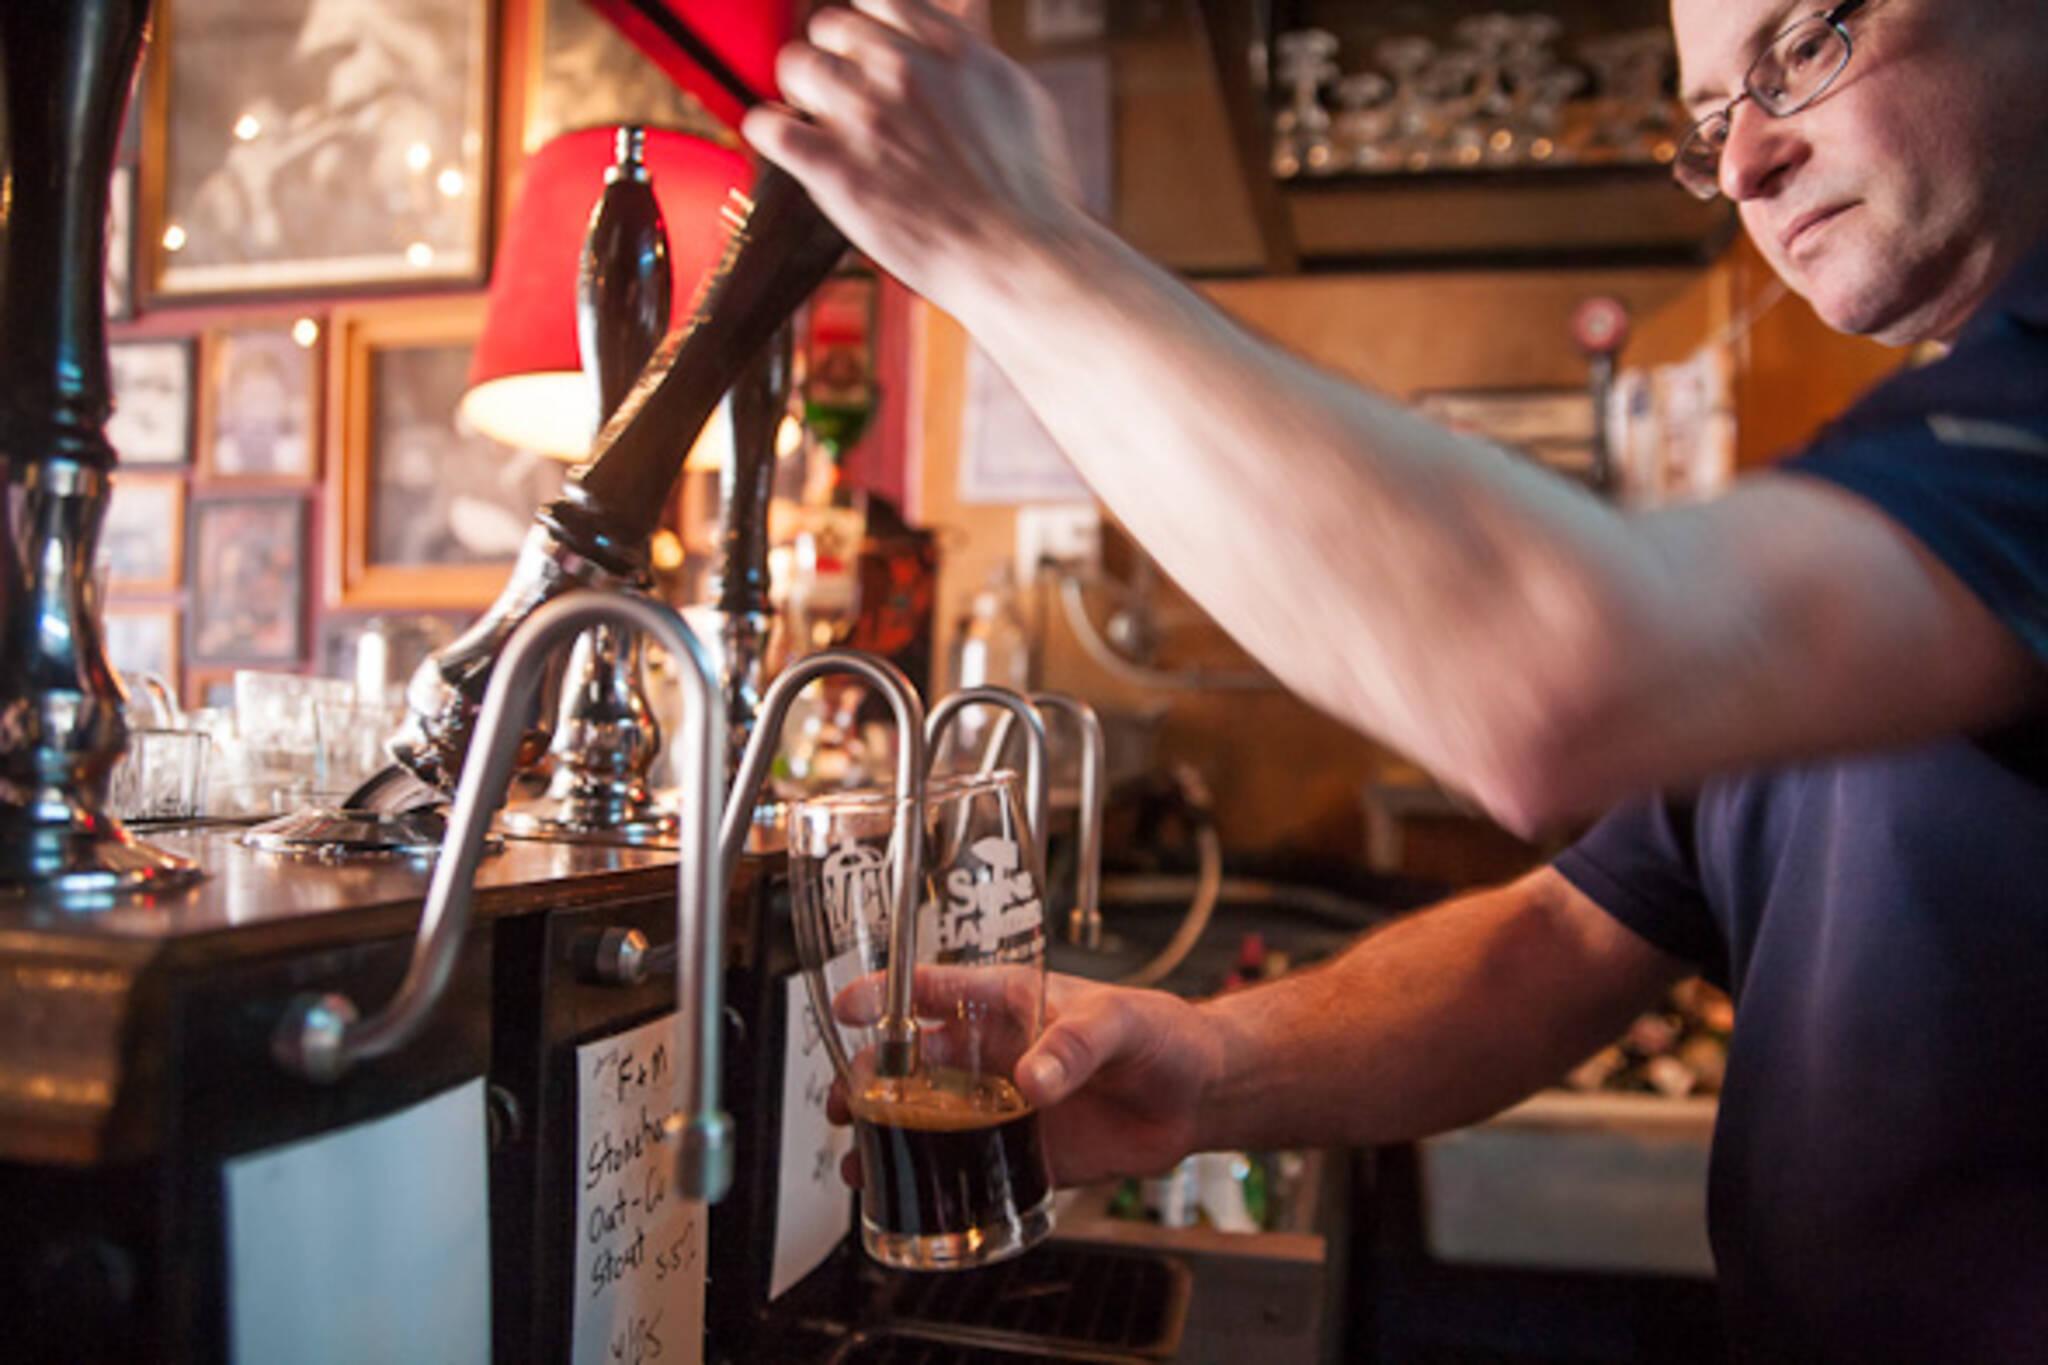 Beaches Toronto pubs